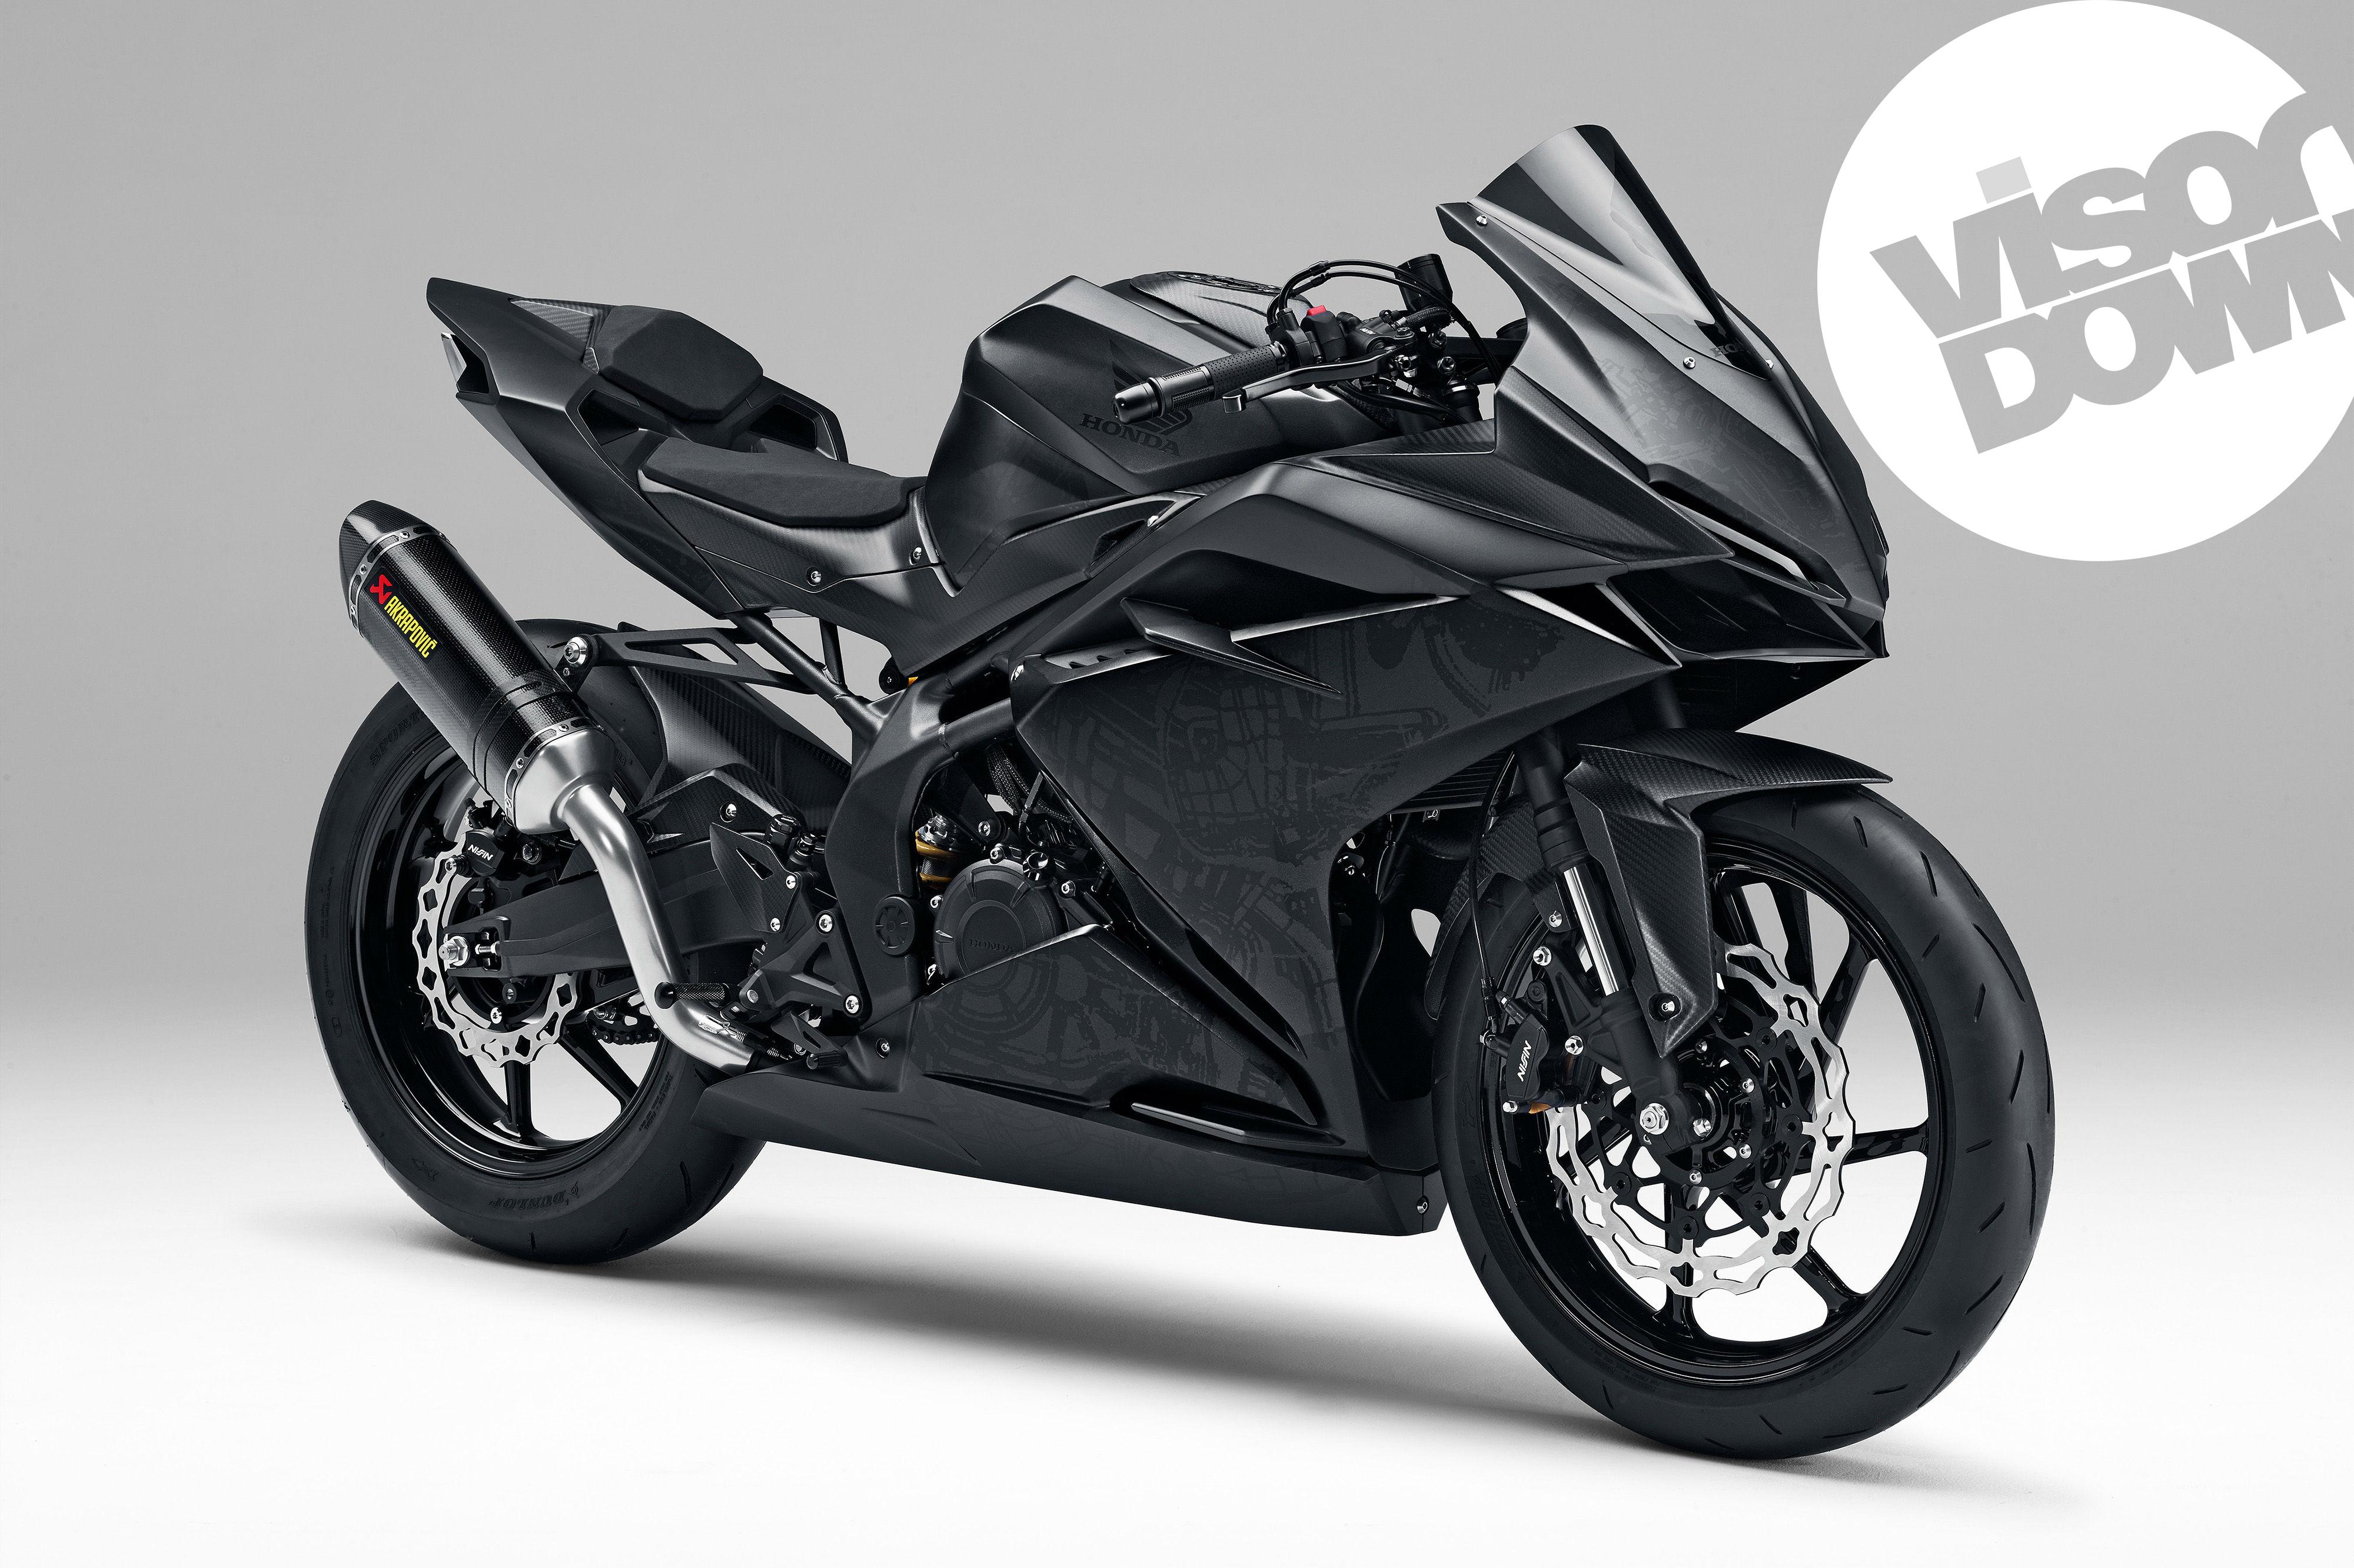 revealed: honda's 250cc supersport | visordown